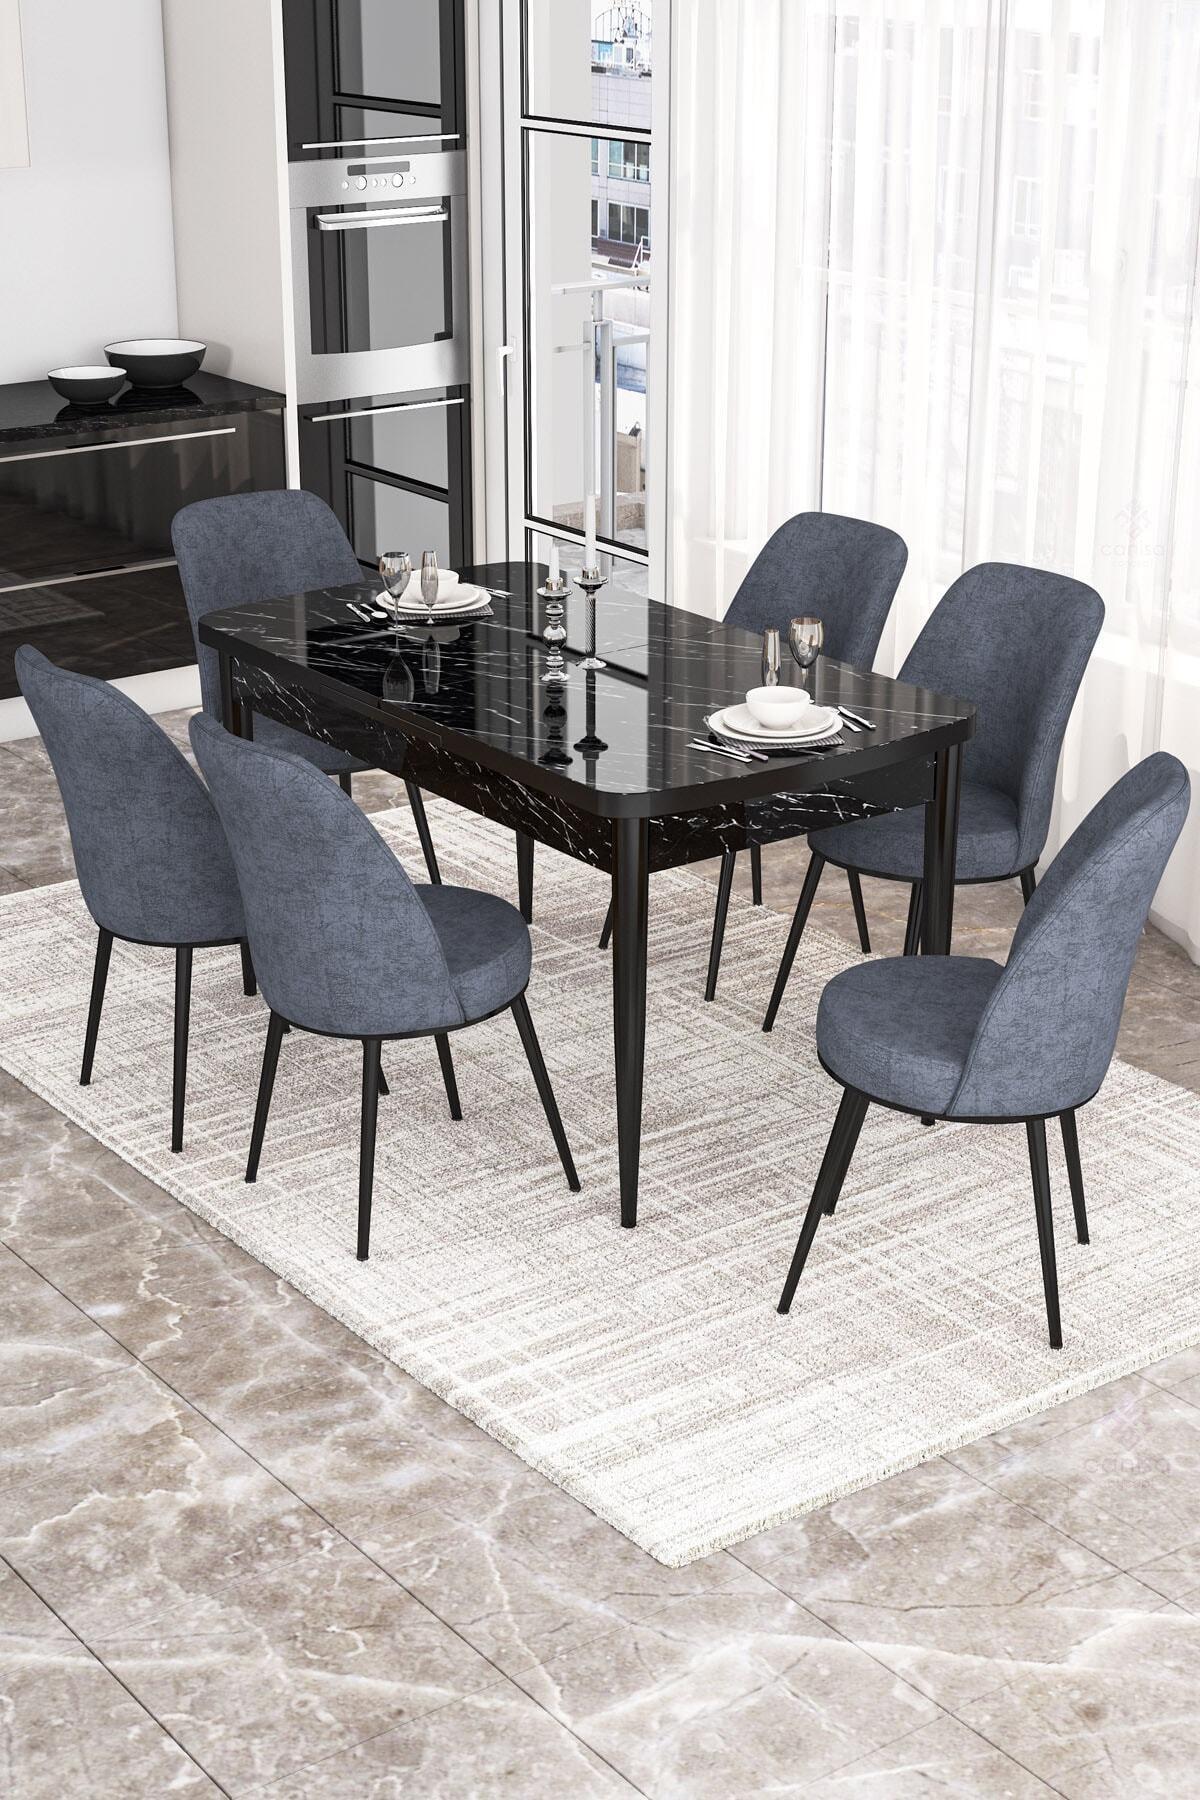 Via Serisi Açılabilir Mutfak Masa Takımı- Siyah Mermer Desen Masa+6 Füme Sandalye